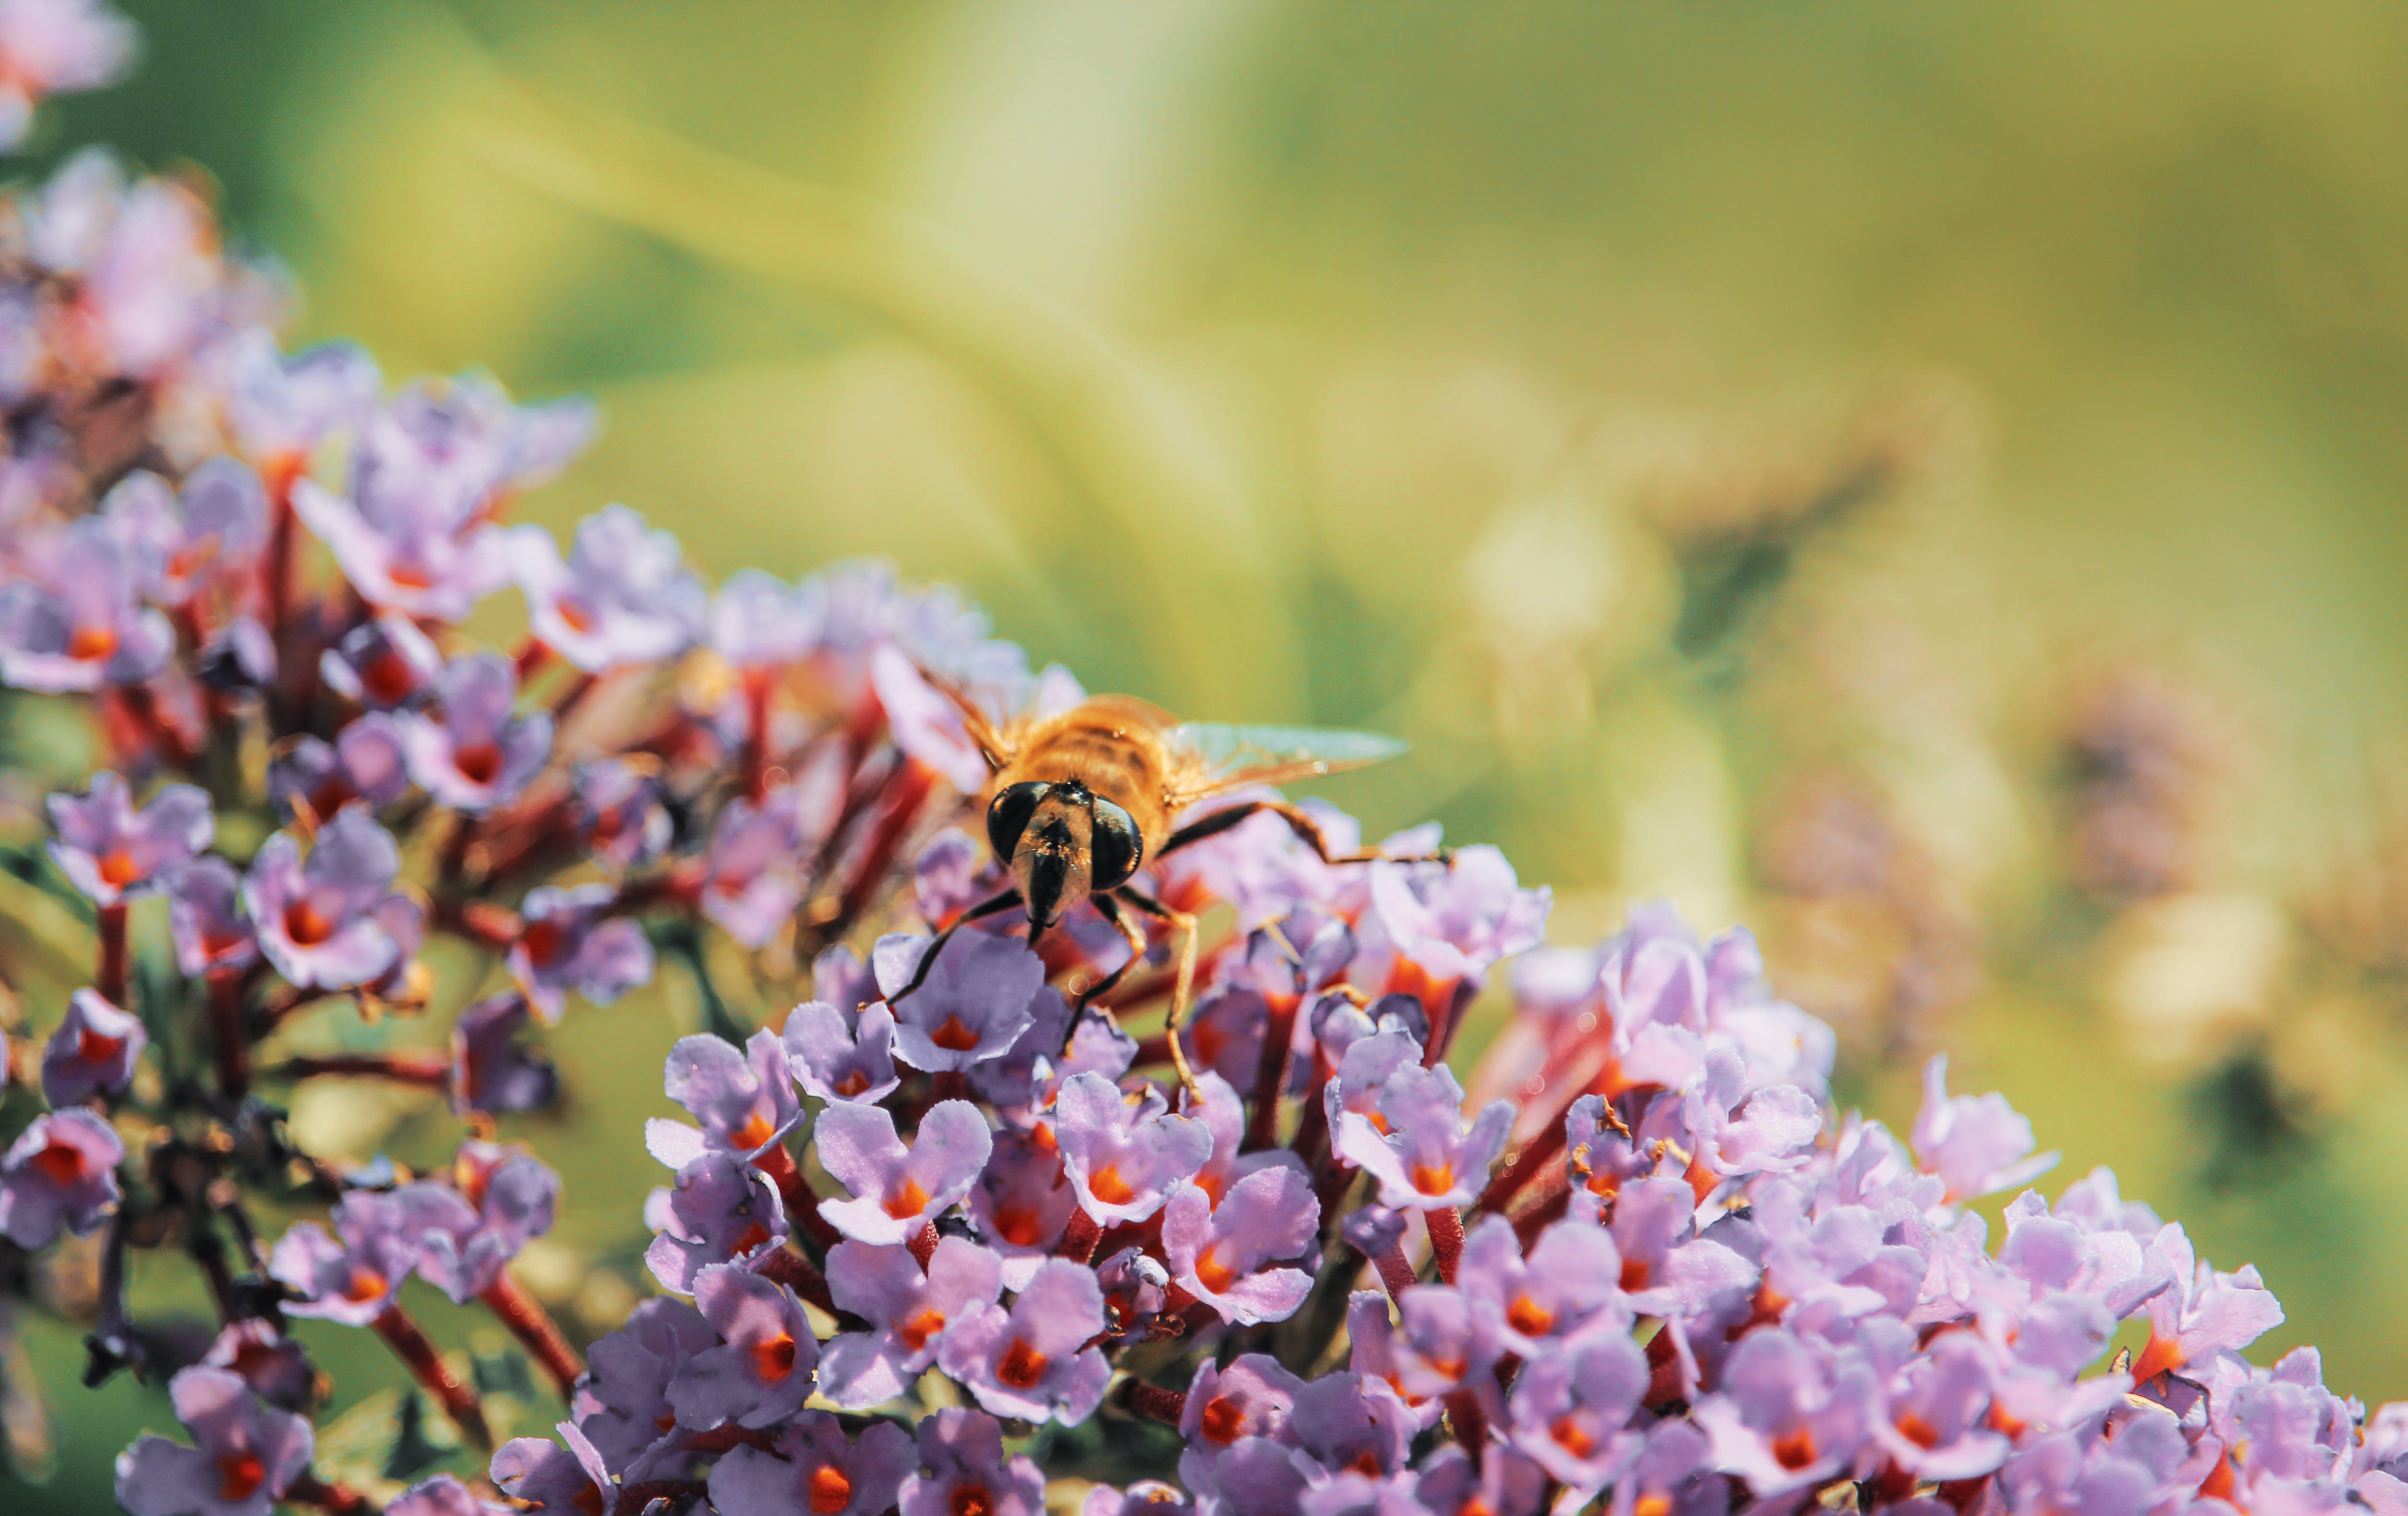 Macro Photography of Yellow Bee on Top of Flowers